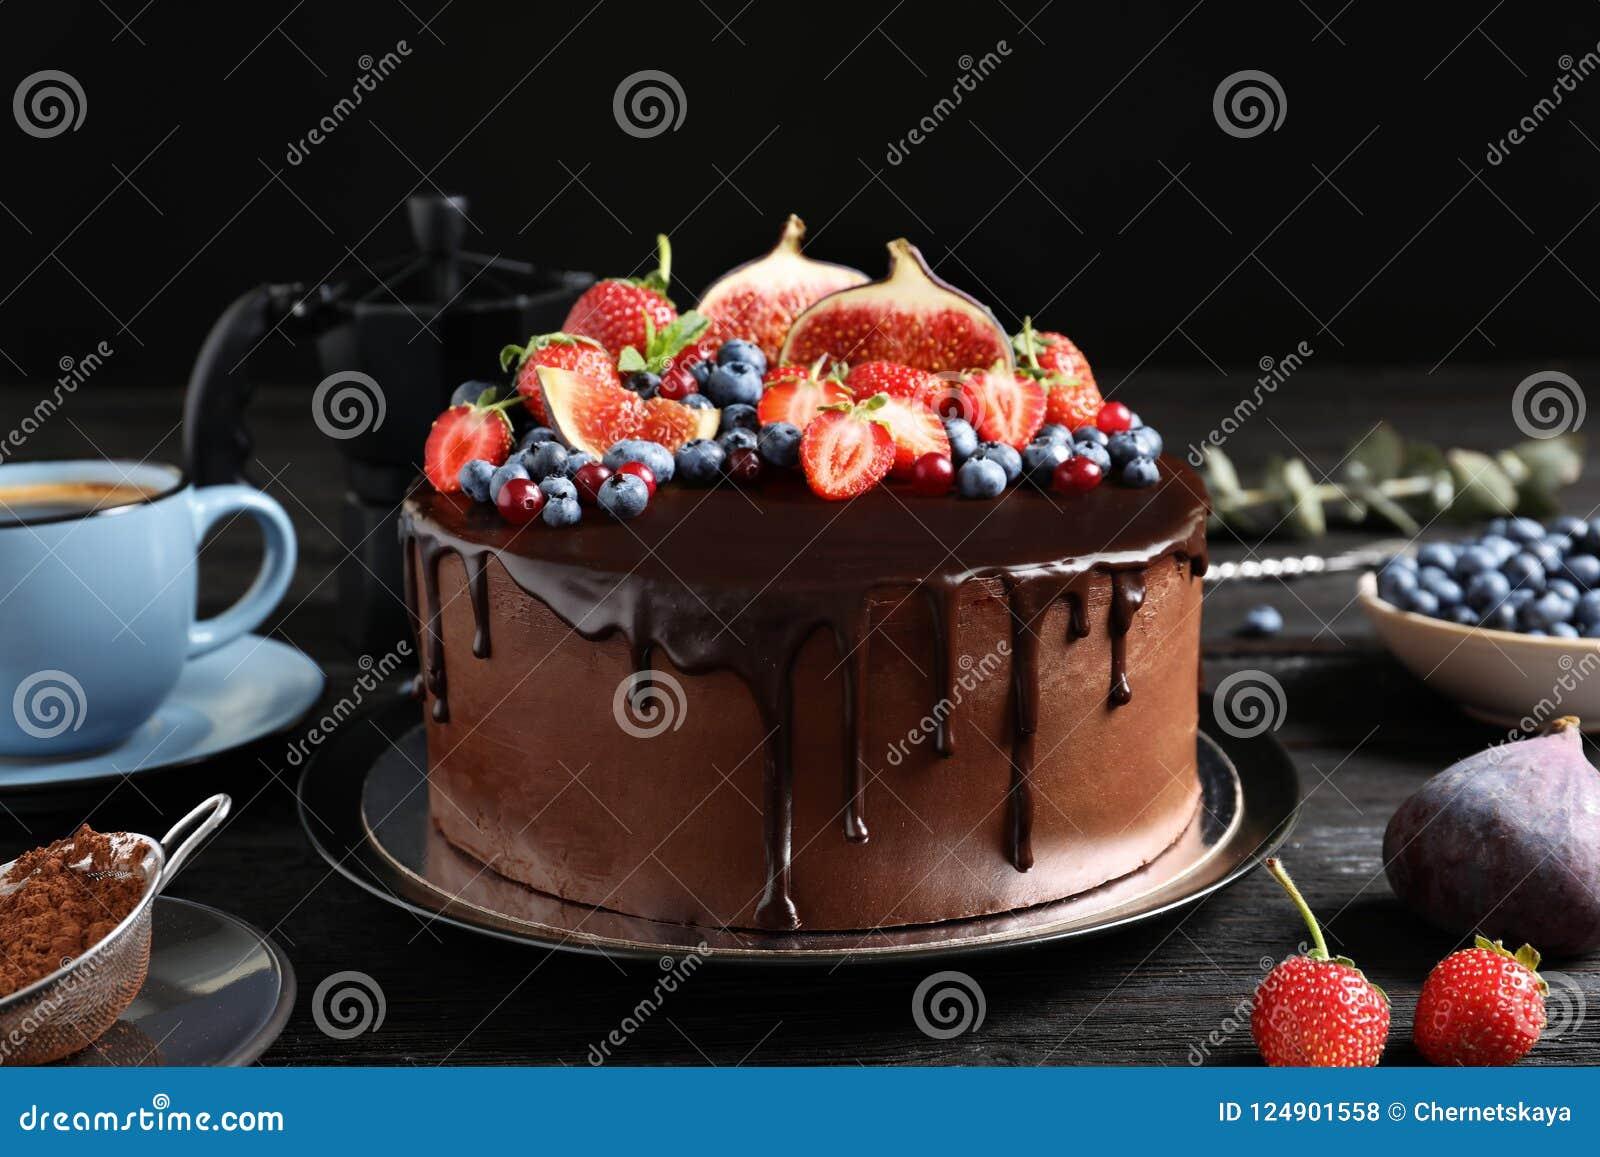 Φρέσκο εύγευστο σπιτικό κέικ σοκολάτας με τα μούρα στον πίνακα στο σκοτεινό κλίμα